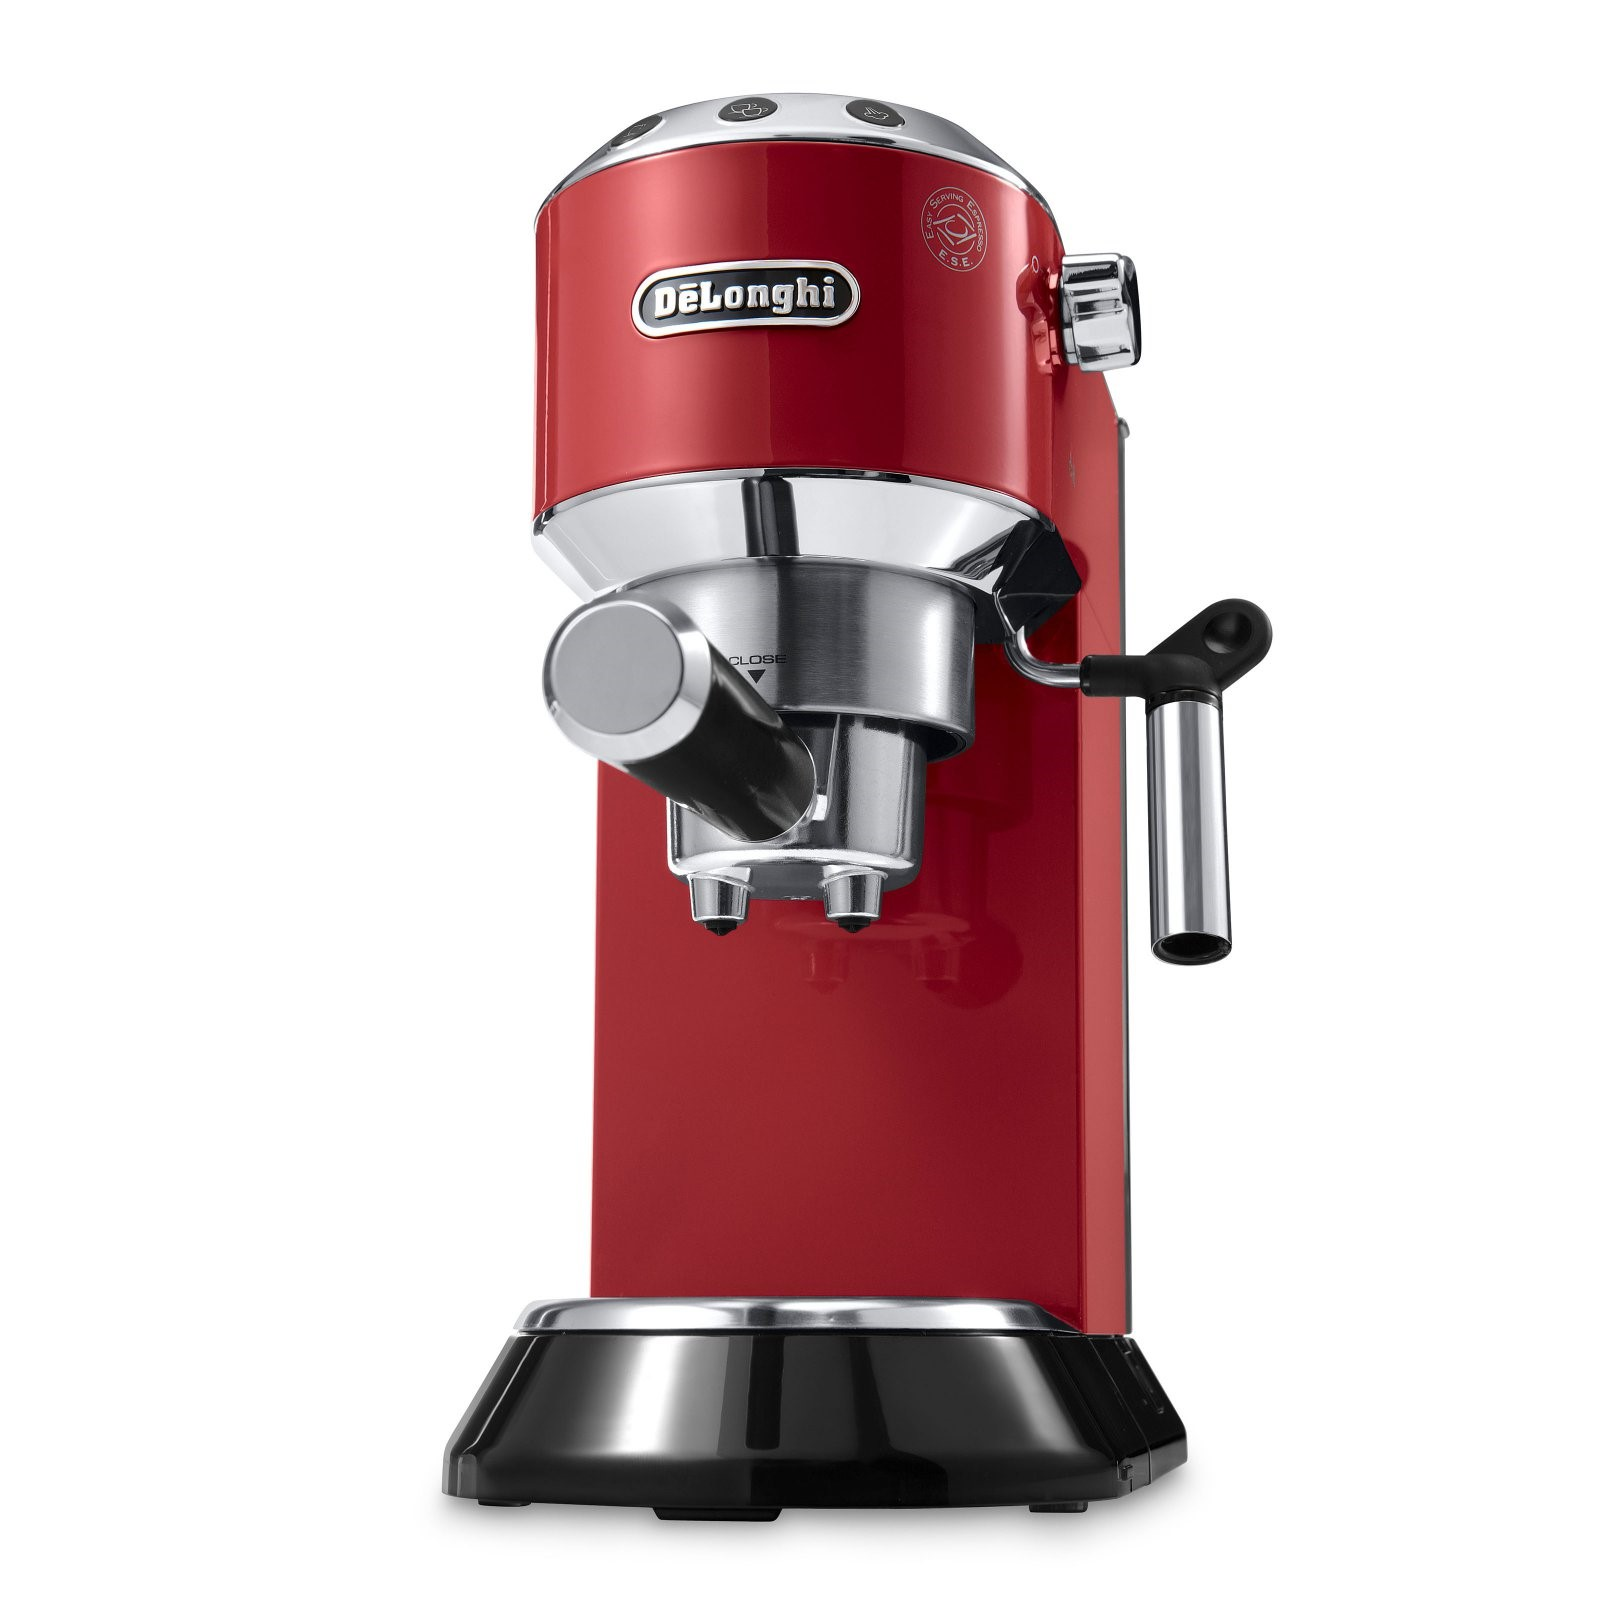 DeLonghi Dedica EC680R Espresso Maker